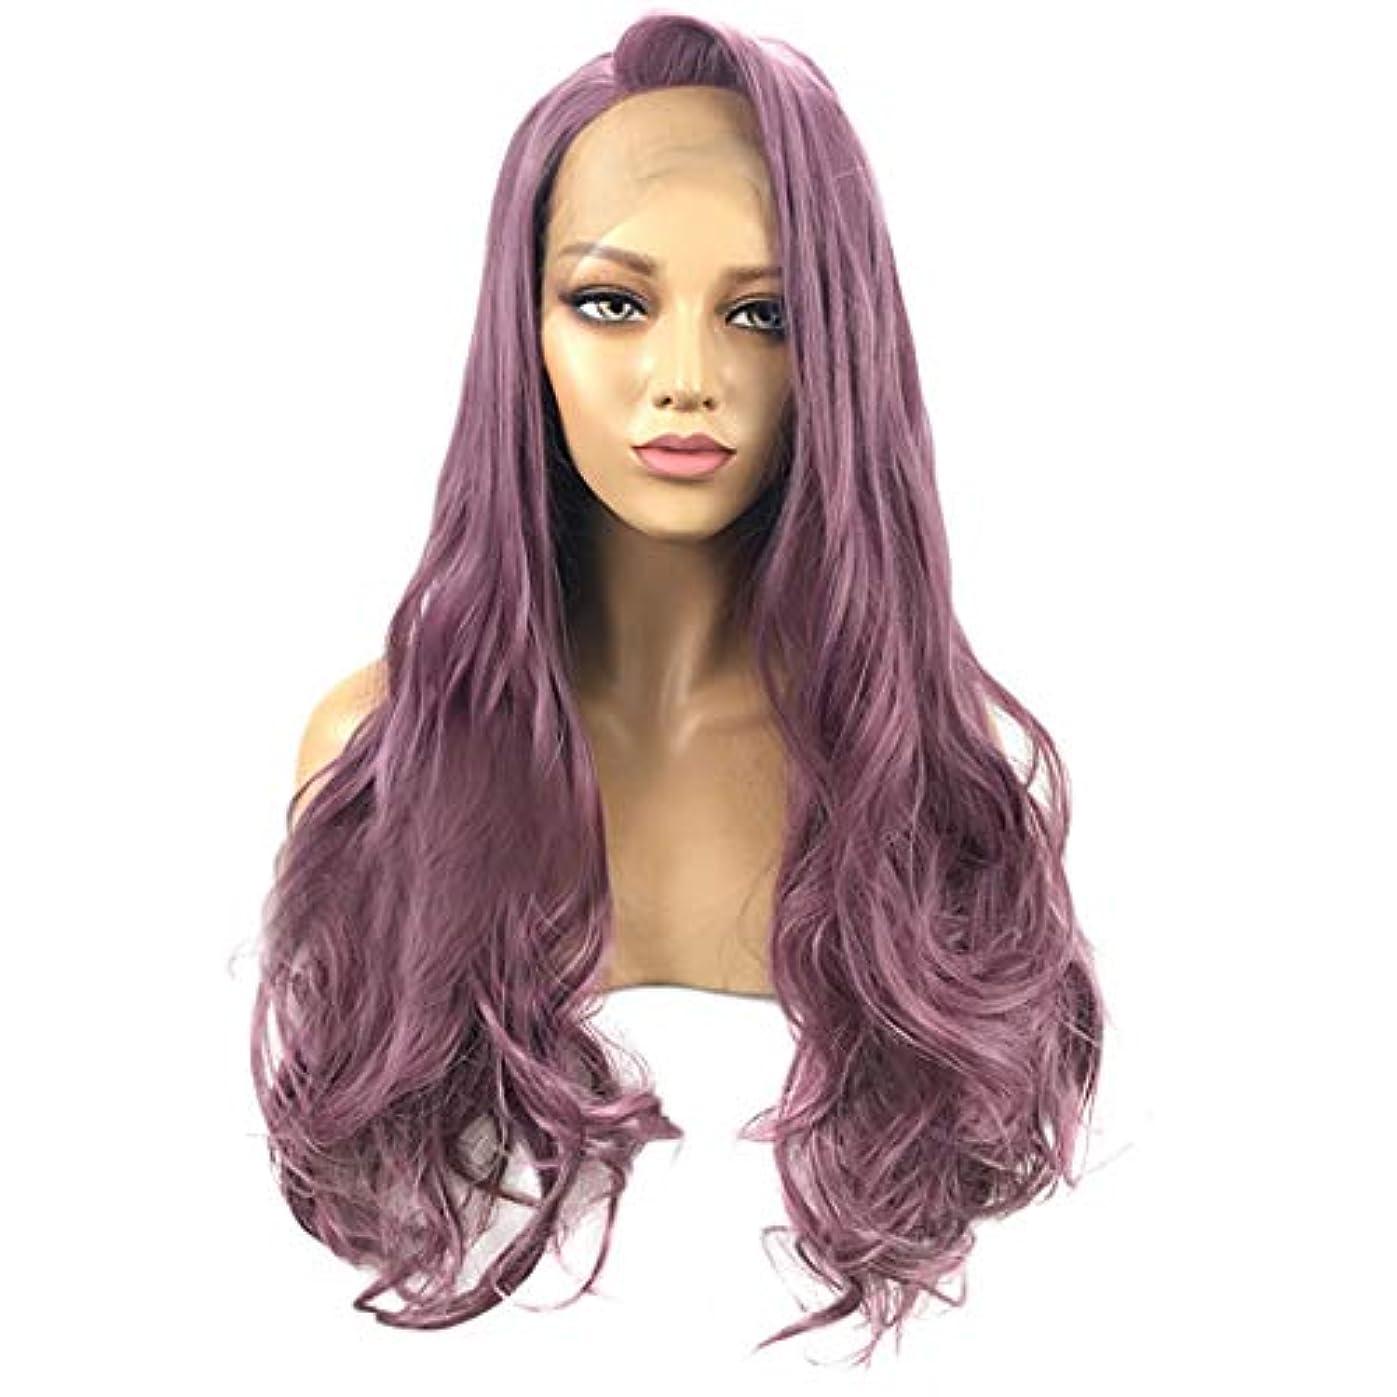 狂信者捕虜よろしくFuku つけ毛 紫色のレースフロントかつら女性の長い総合的な現実的な波状グルーレス髪の交換かつら26